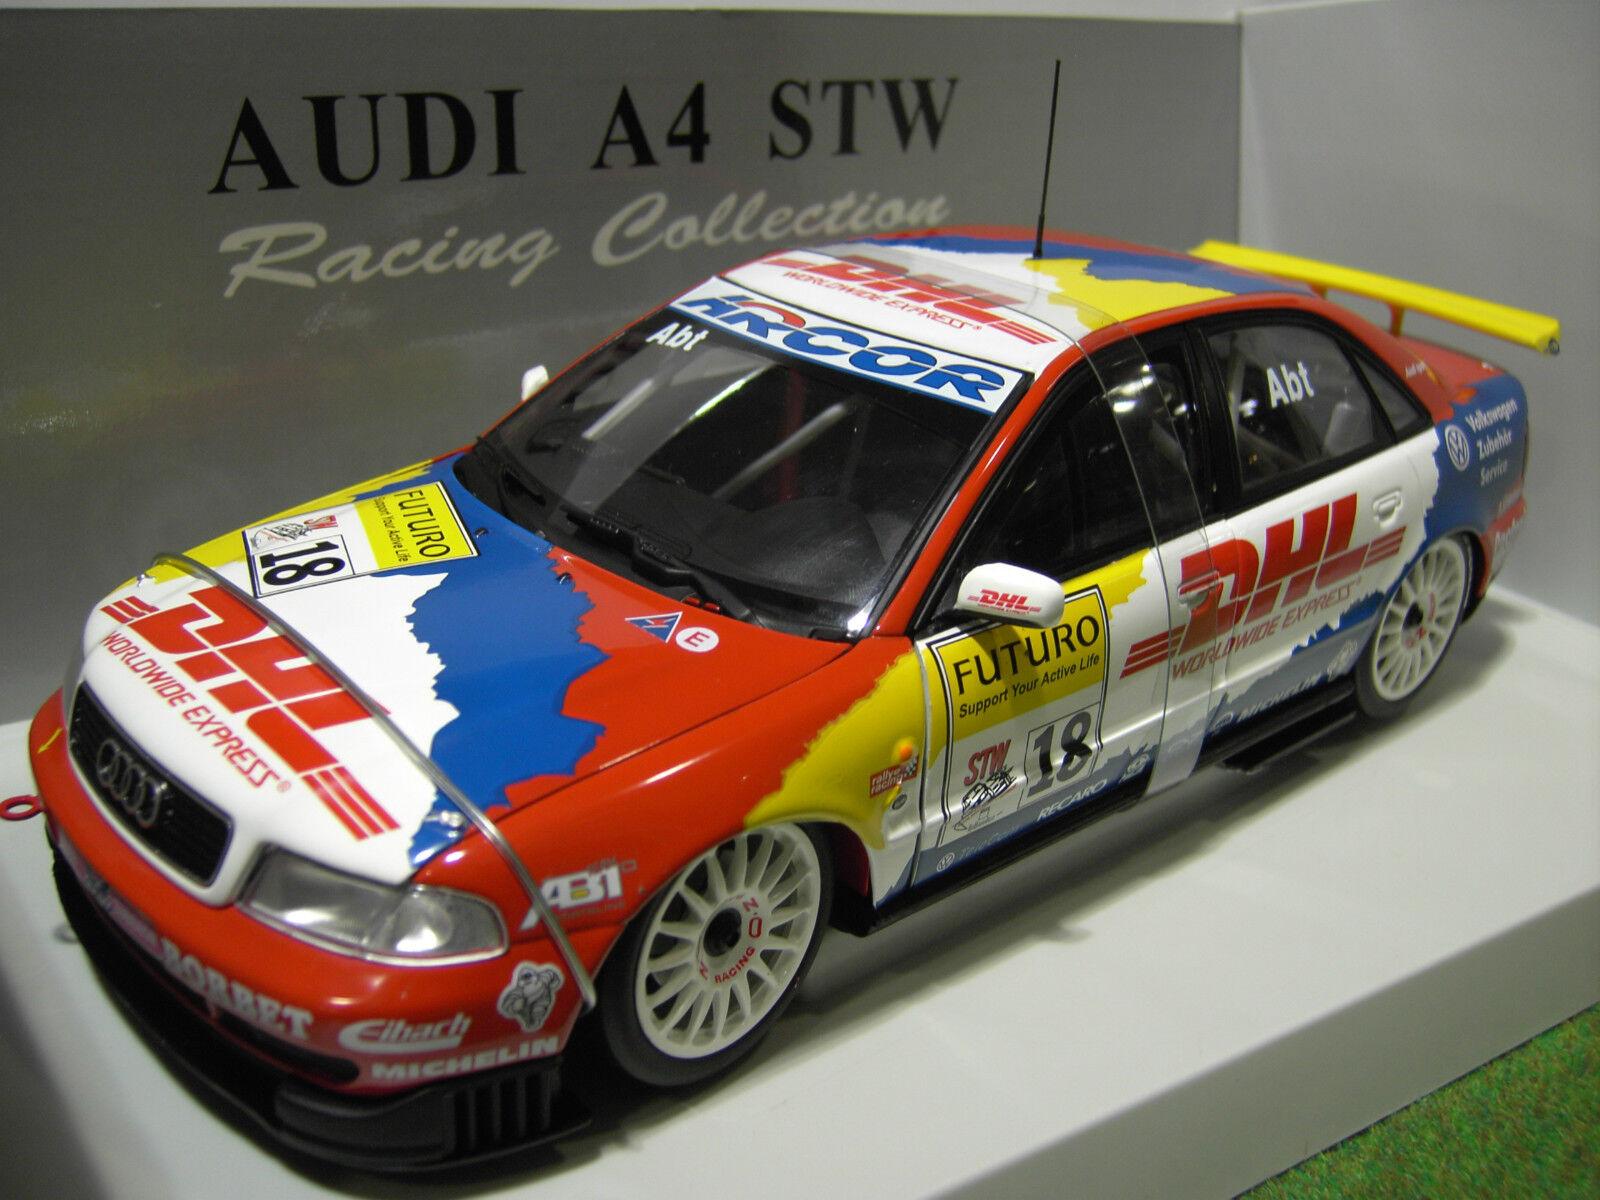 AUDI A4 ABT STW Racing Car  18 d 1998 DHL 1 18 UT Models 39874 voiture miniature